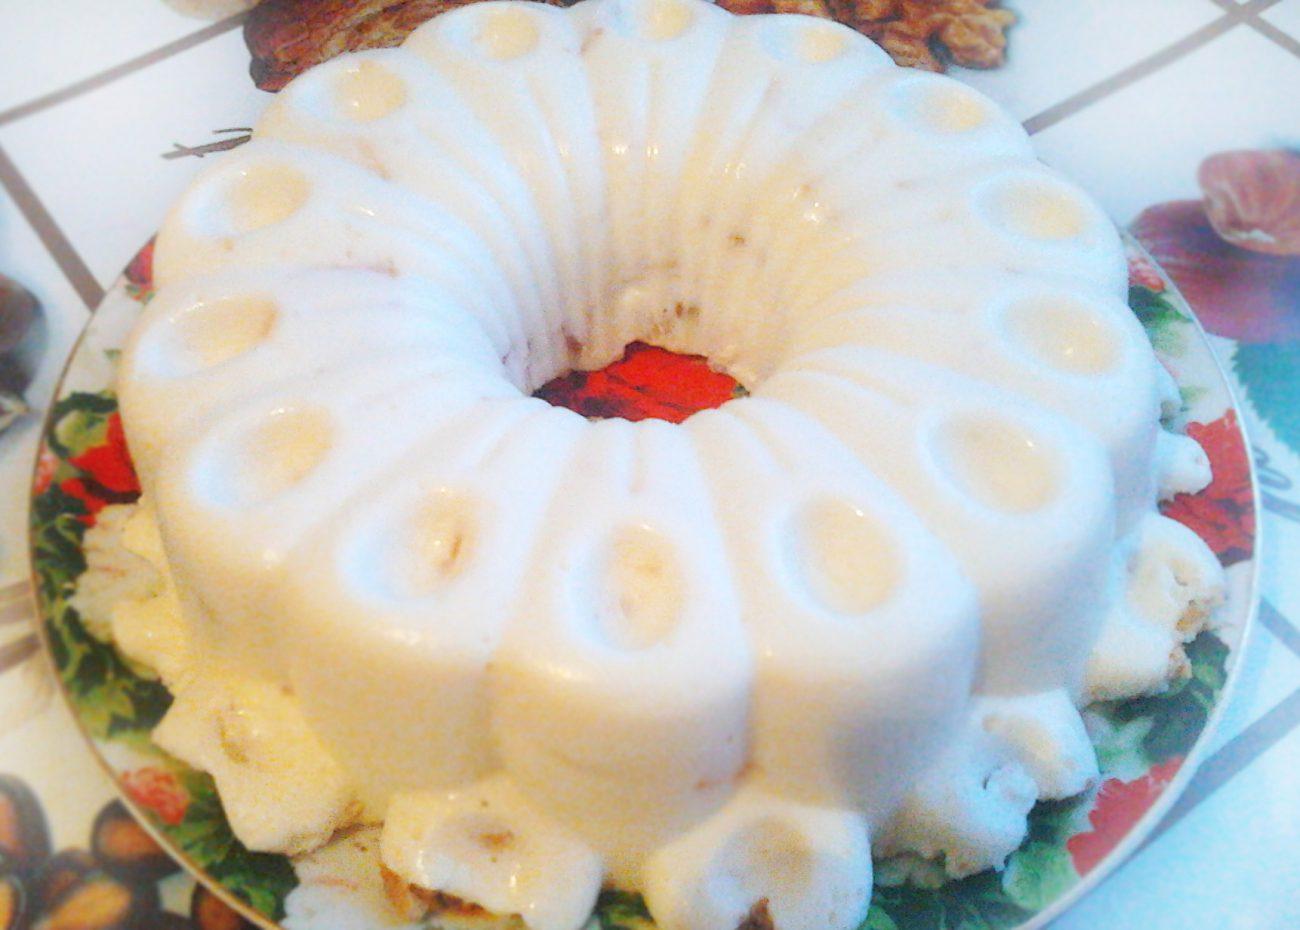 Вкуснейший торт без выпечки со сметаной, печеньем и яблоком